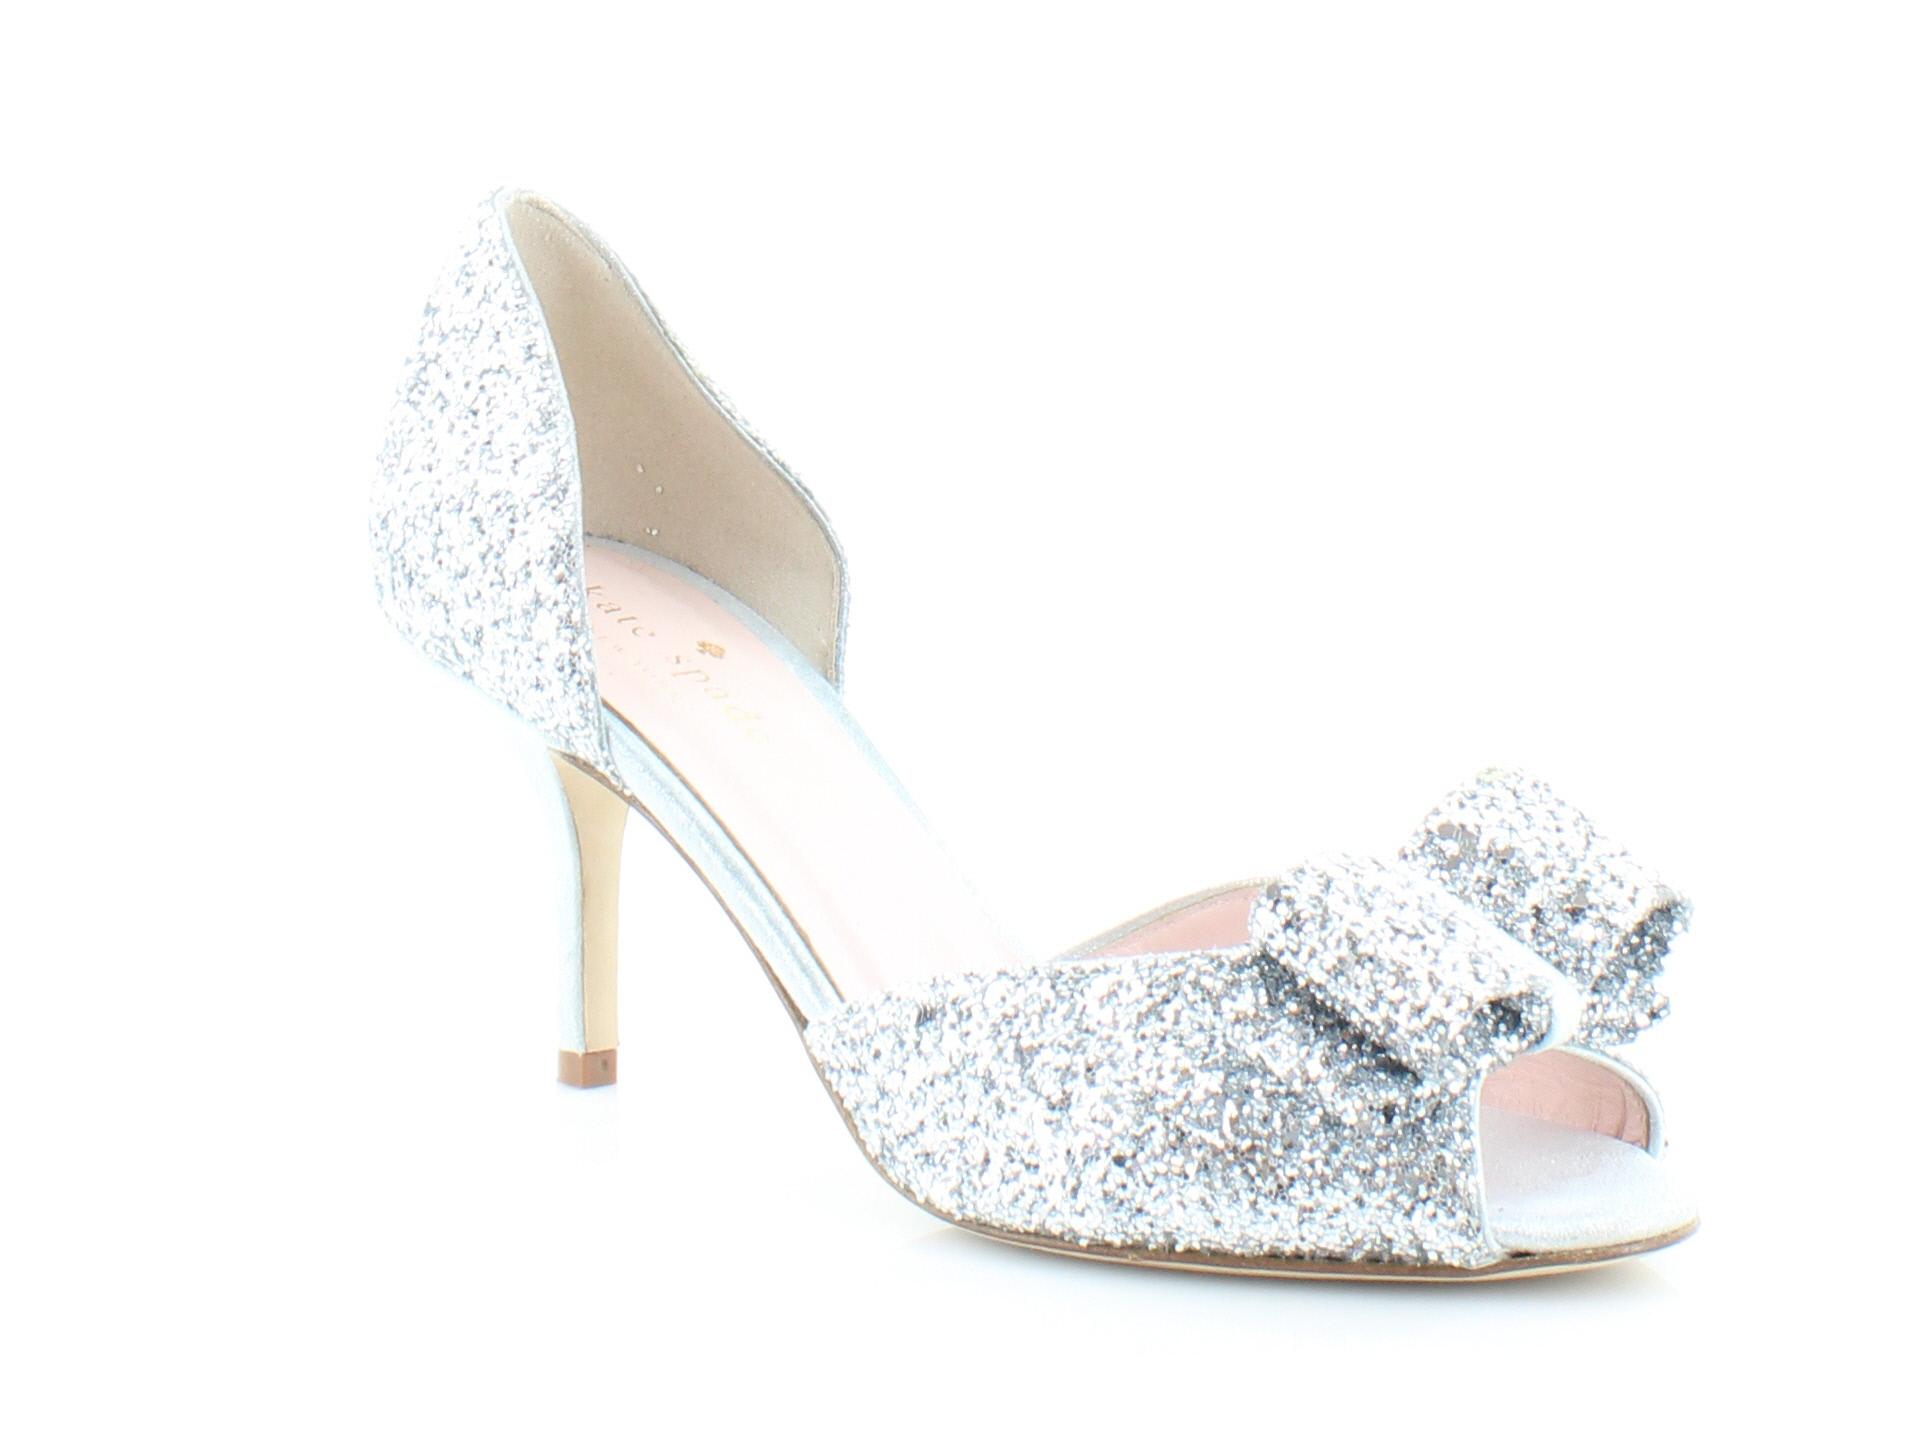 Kate Spade Sela Women's Heels Silver/Glitter Size 6.5 M